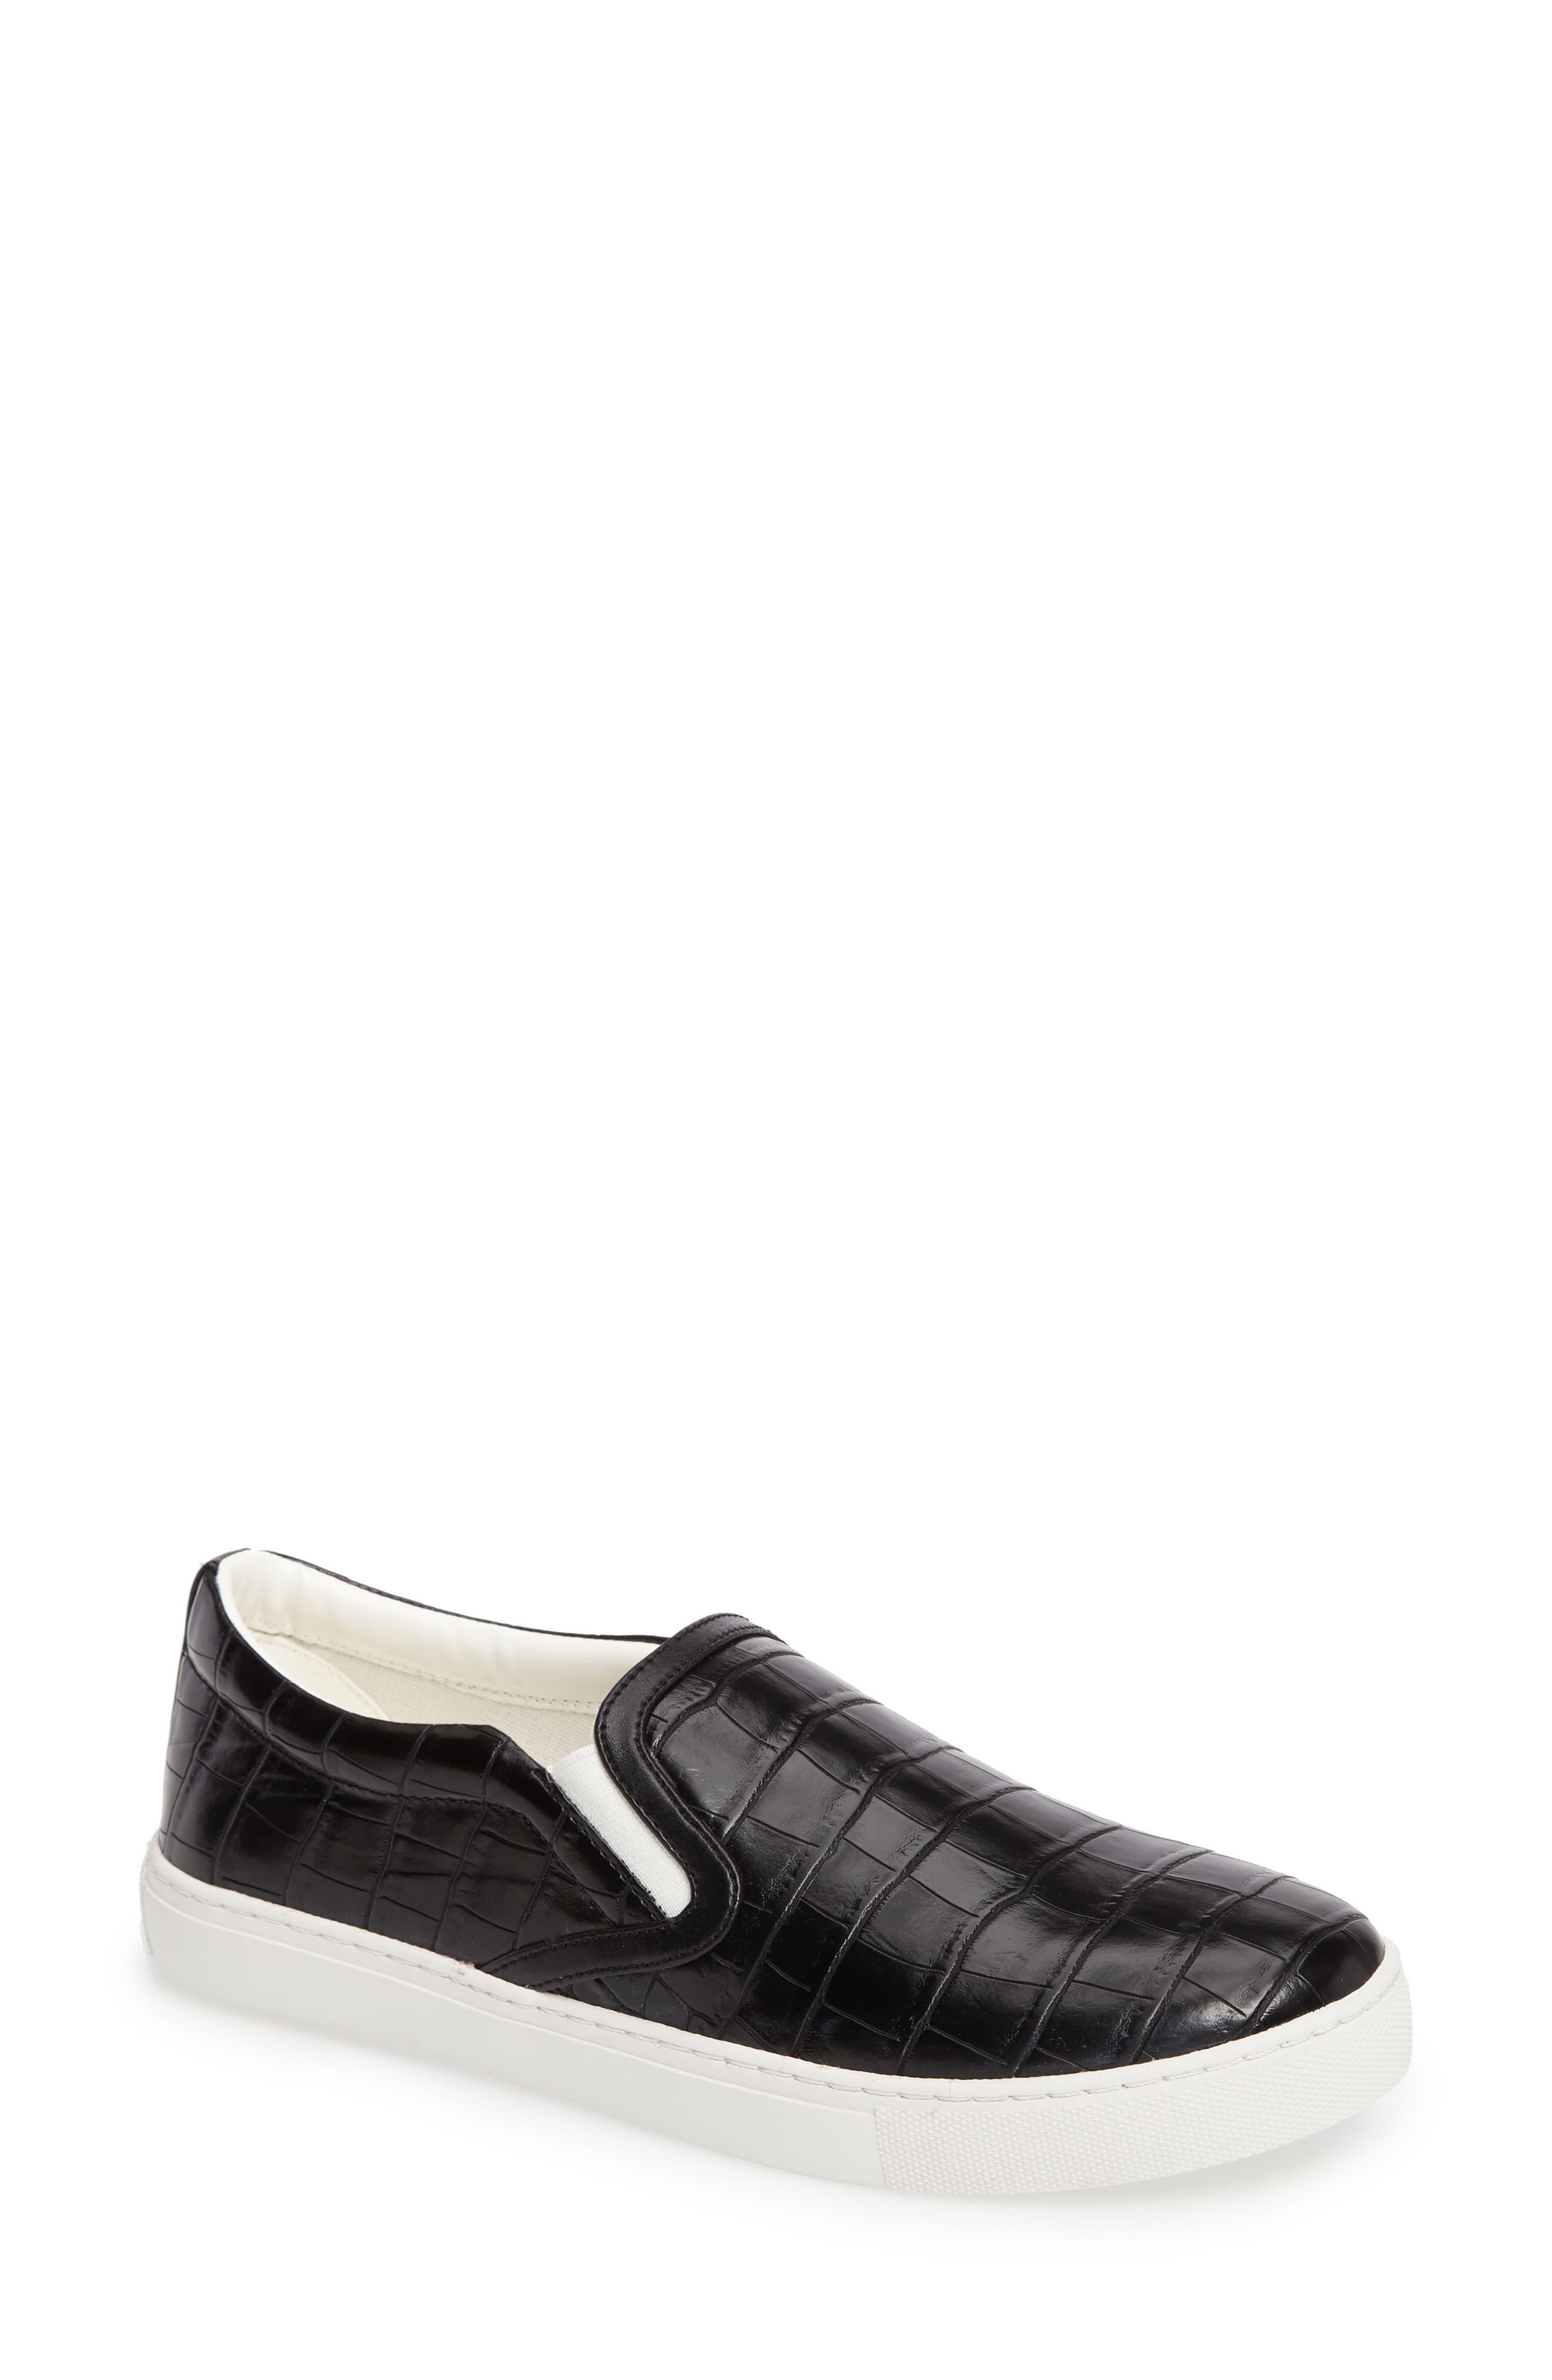 Alternate Image 1 Selected - Sam Edelman Pixie Slip-On Sneaker (Women)